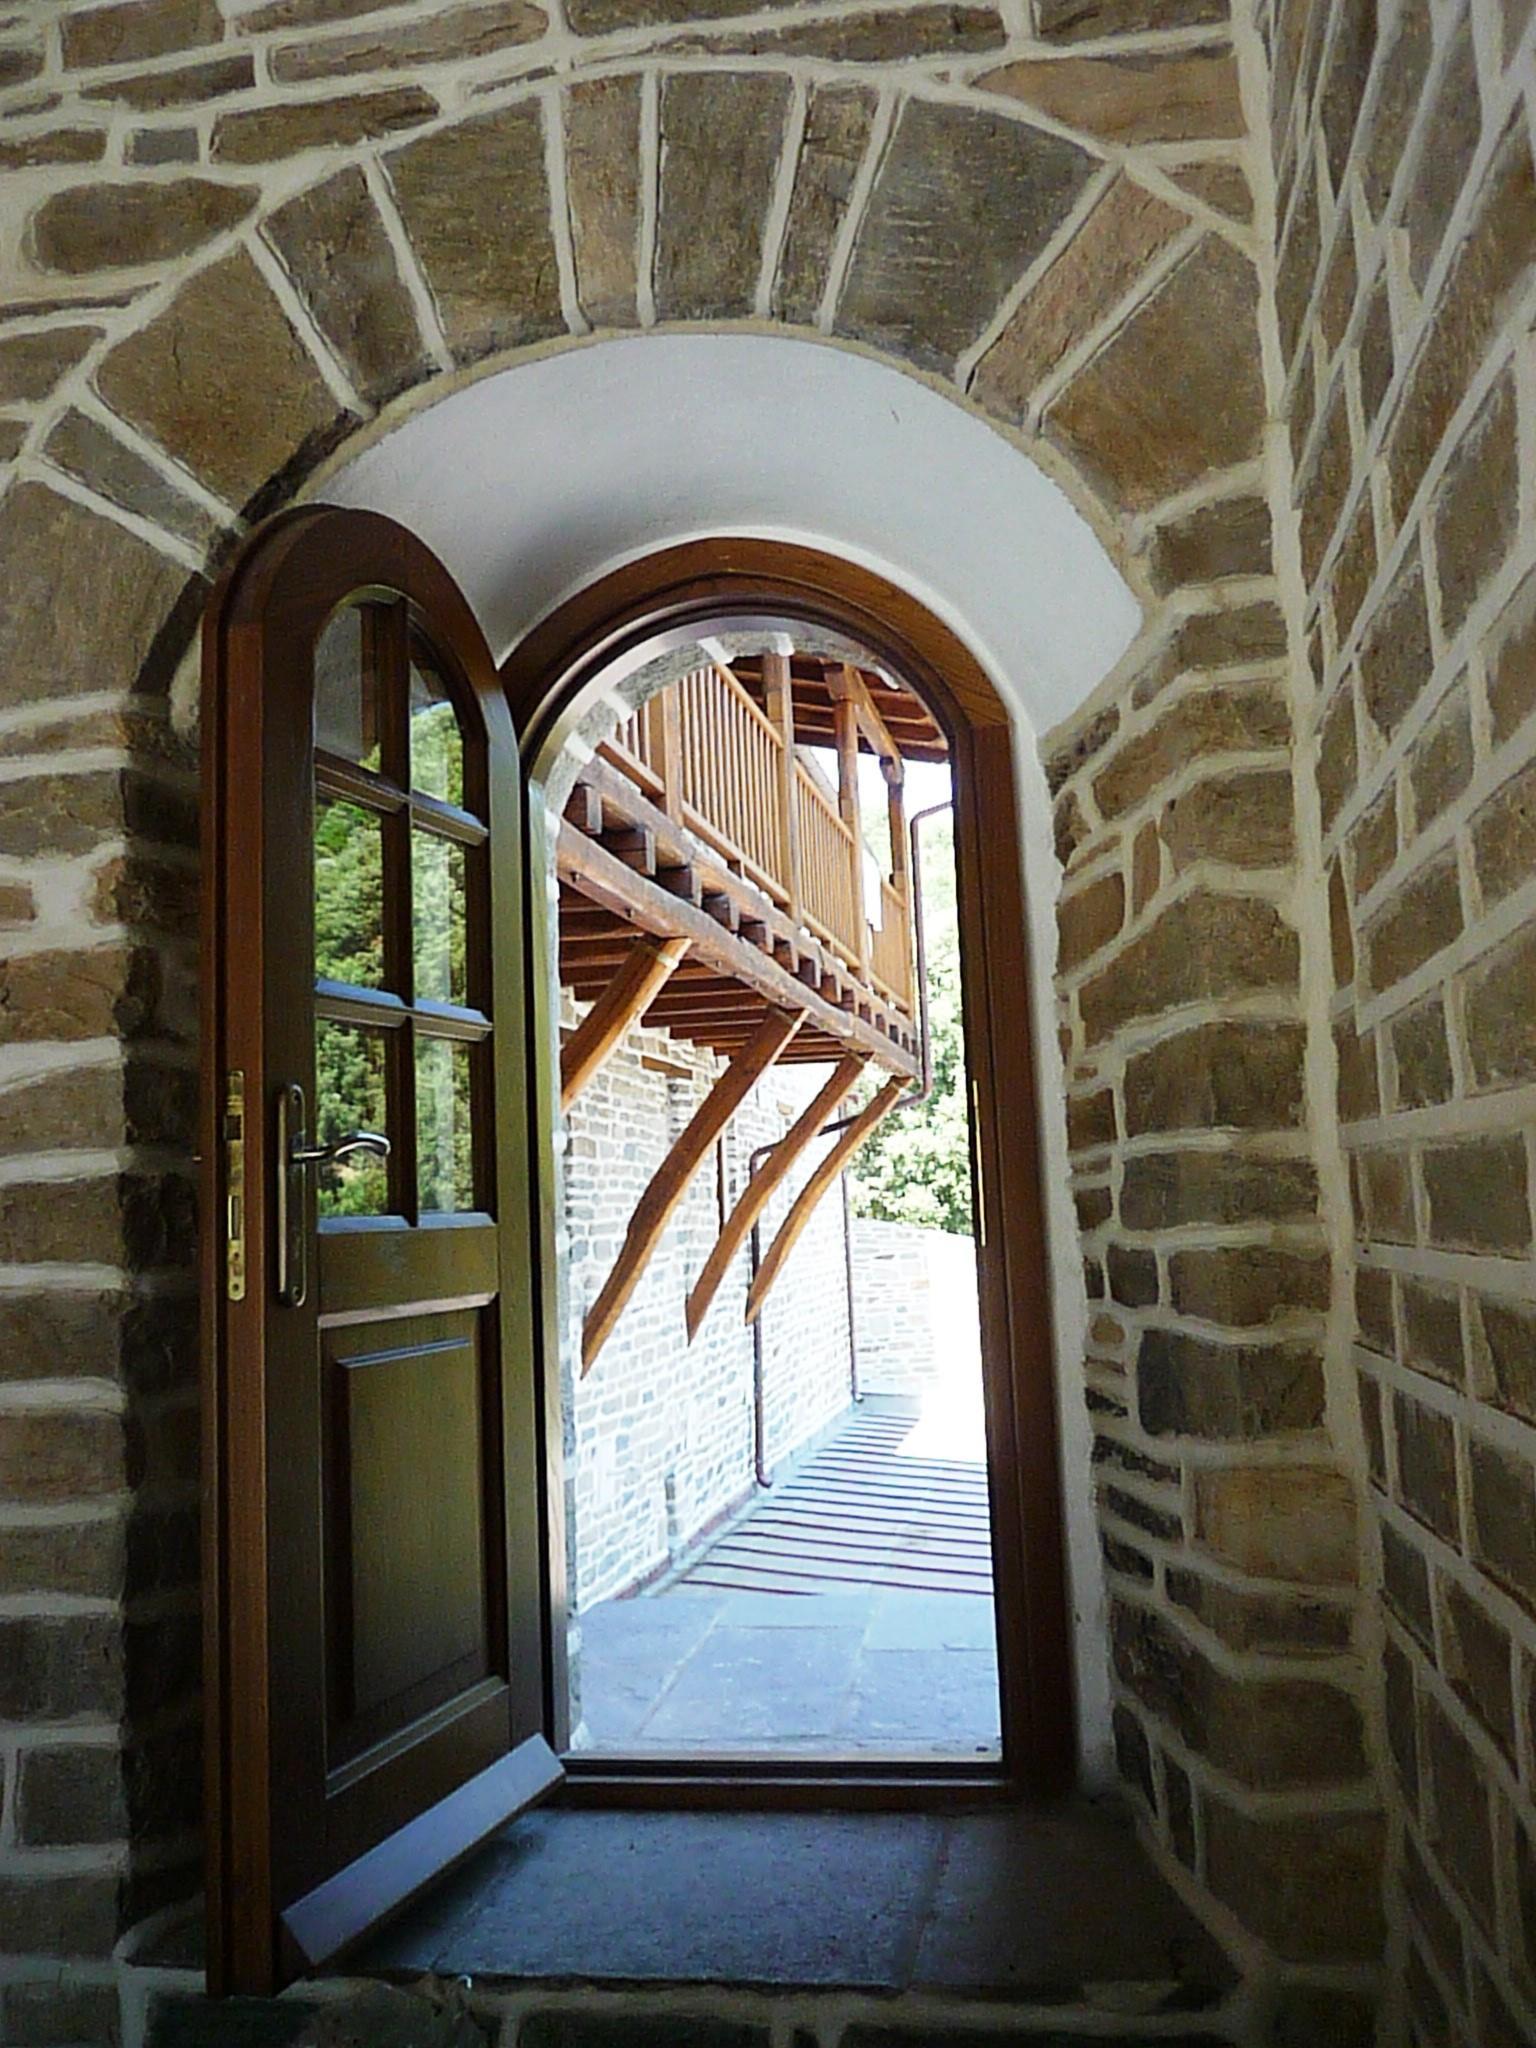 Ανοικτή ξύλινη τοξωτή πόρτα με τζάμια και καϊτια